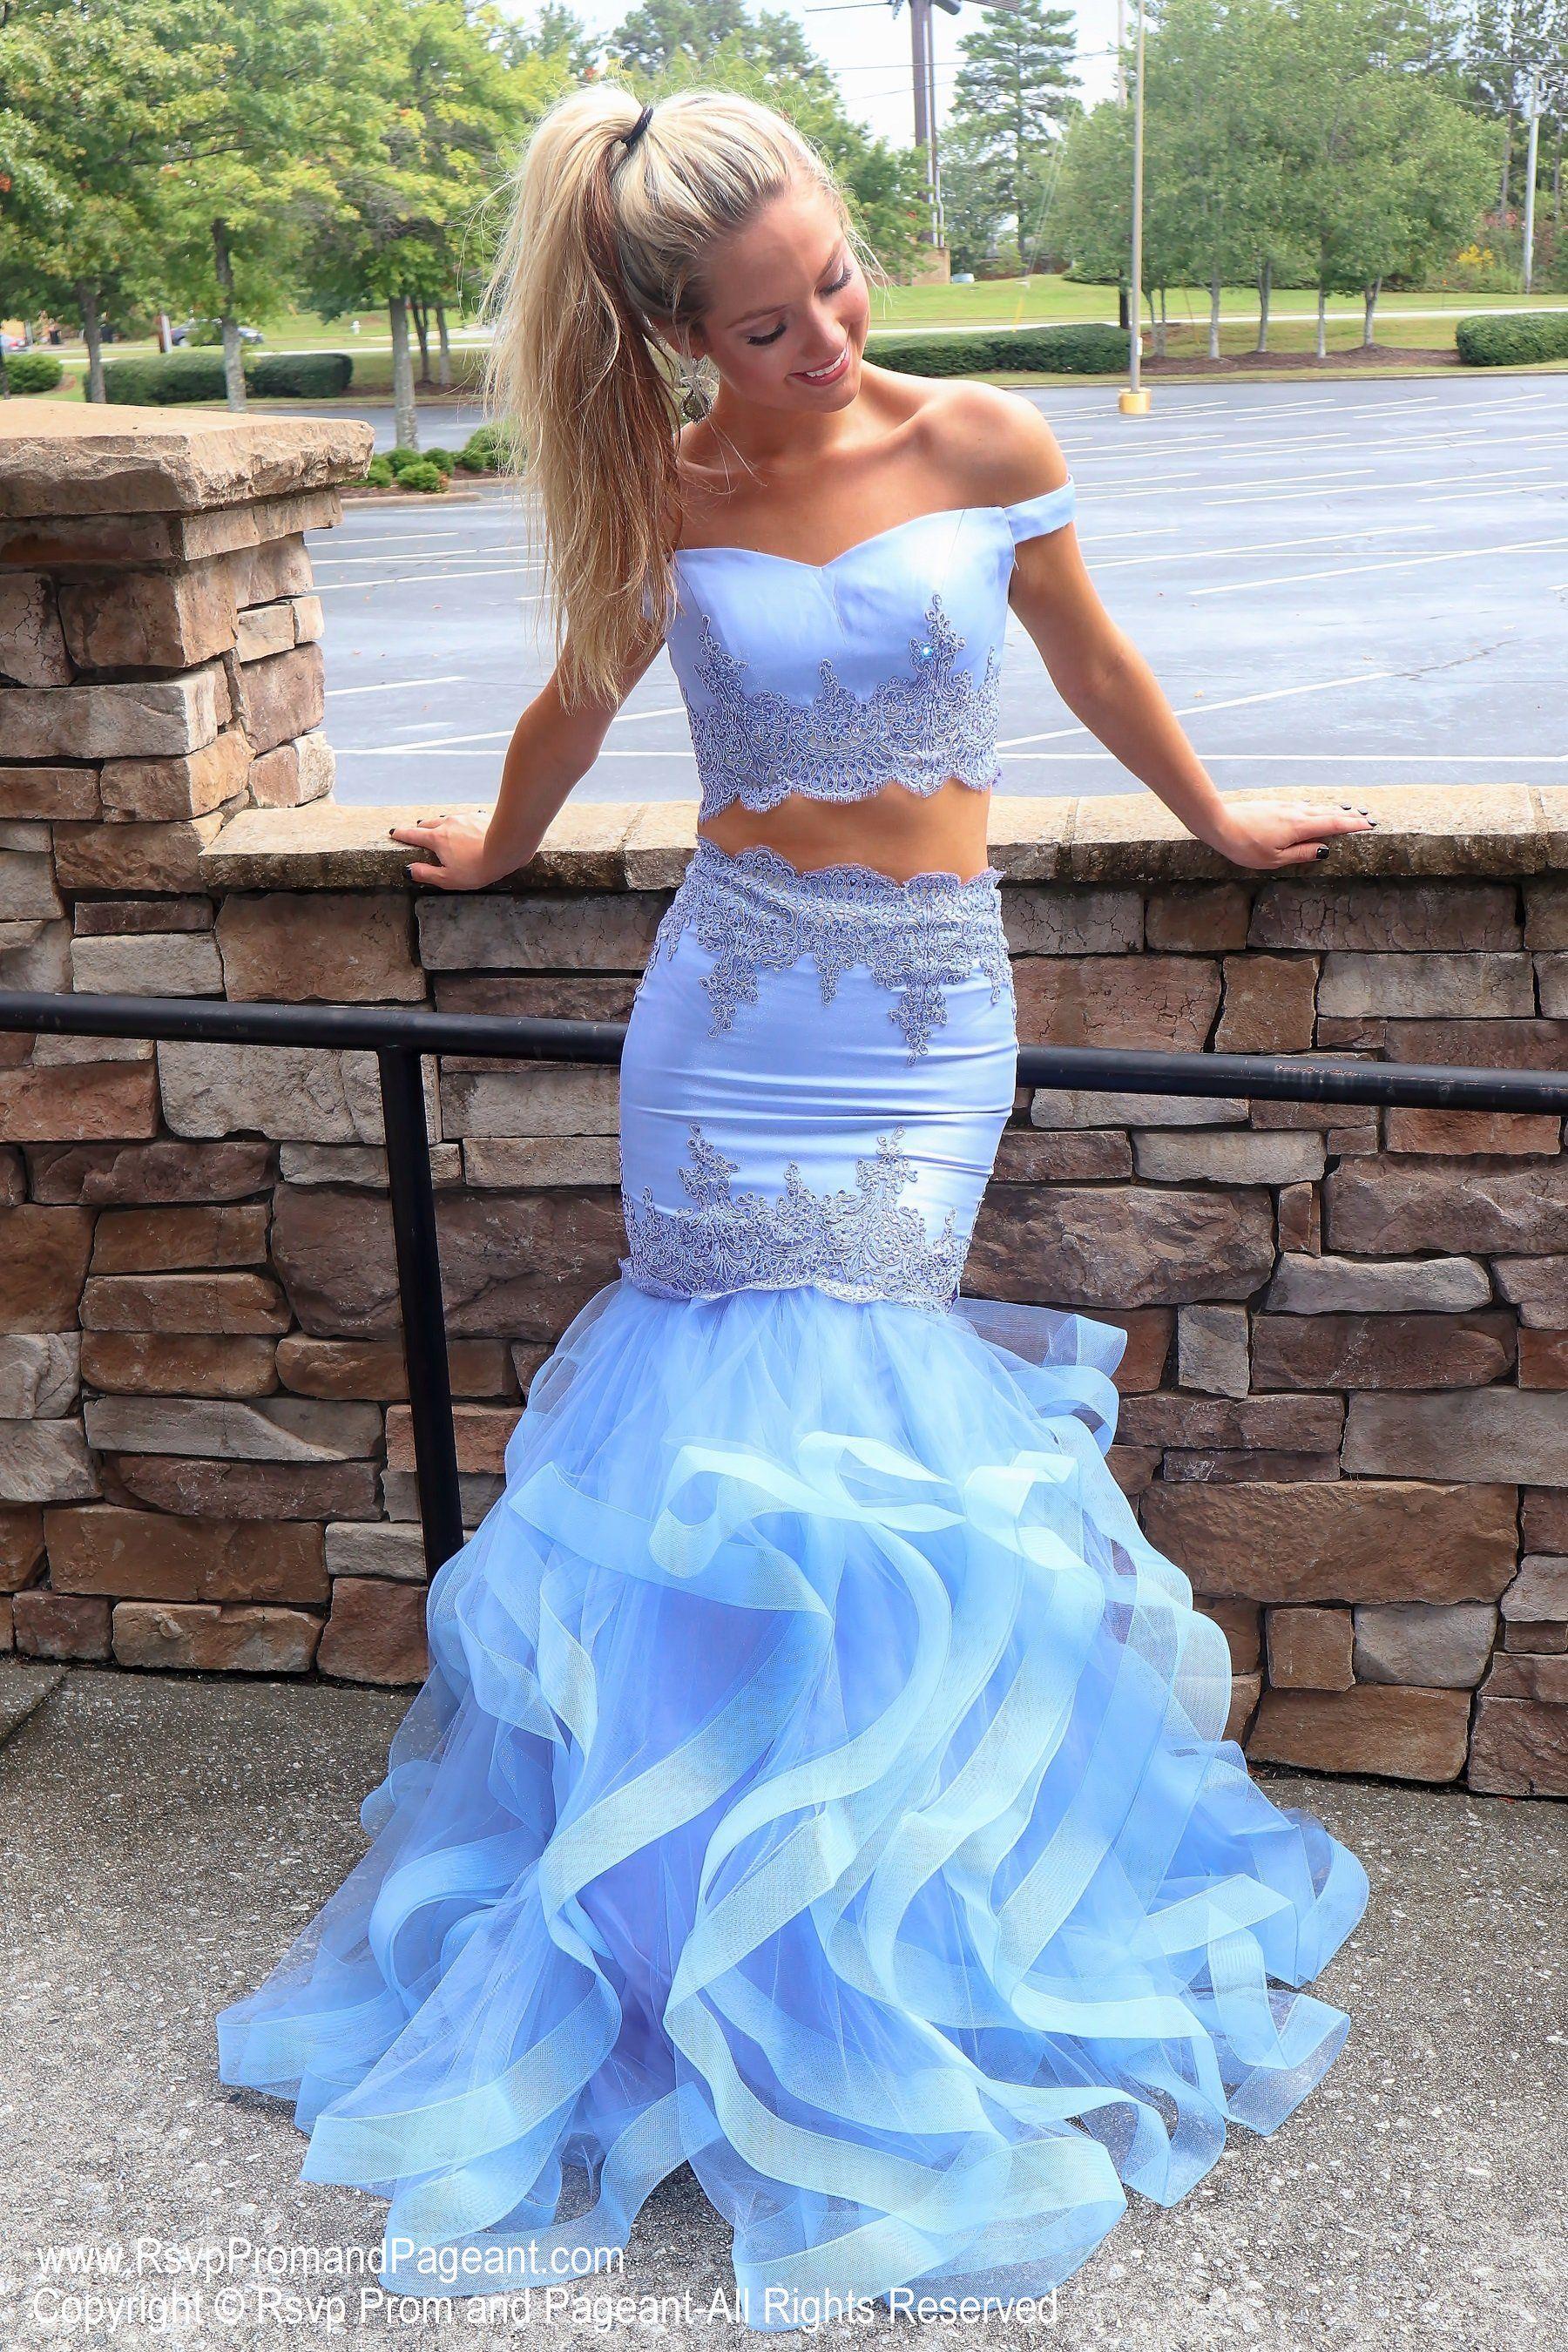 Periwinkle Sweetheart Neckline Two Piece Mermaid Prom Dress Blue Mermaid Prom Dress Mermaid Prom Dresses Prom Dresses Blue [ 2700 x 1800 Pixel ]